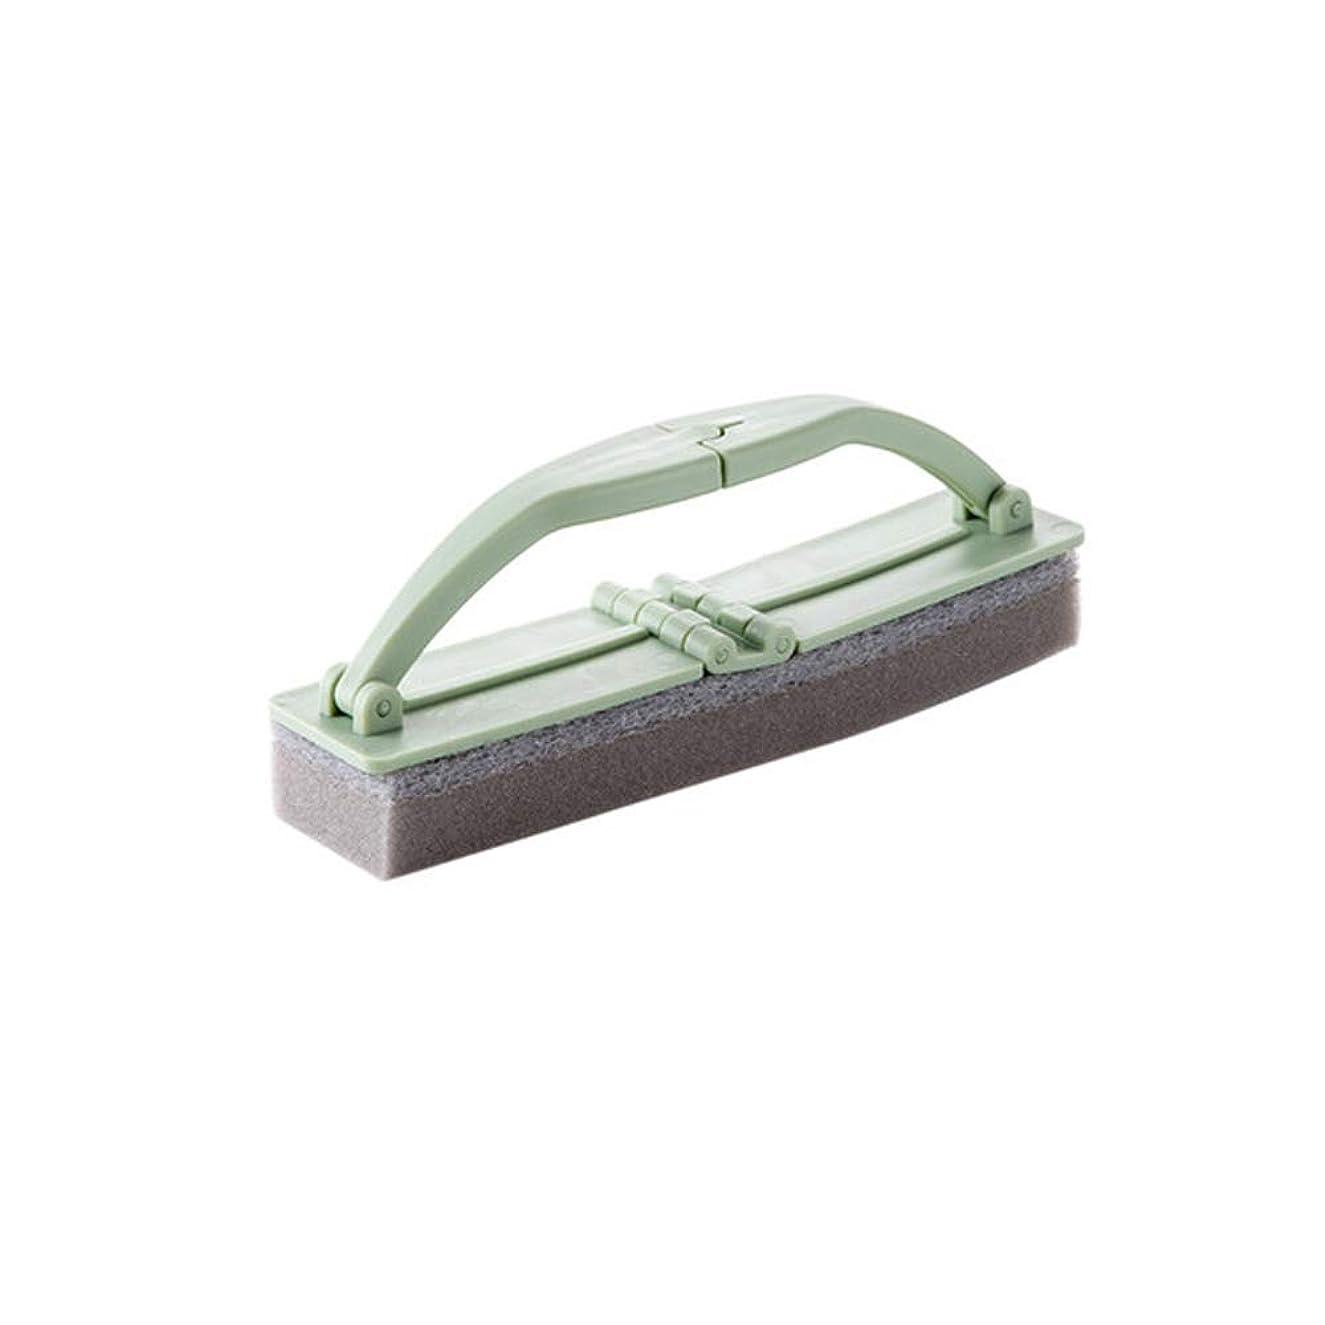 骨髄求める意識ポアクリーニング 折りたたみ式の浴室スポンジハンドル付き強力な汚染除去タイルクリーニングスポンジブラシ2 PCS マッサージブラシ (色 : 緑)